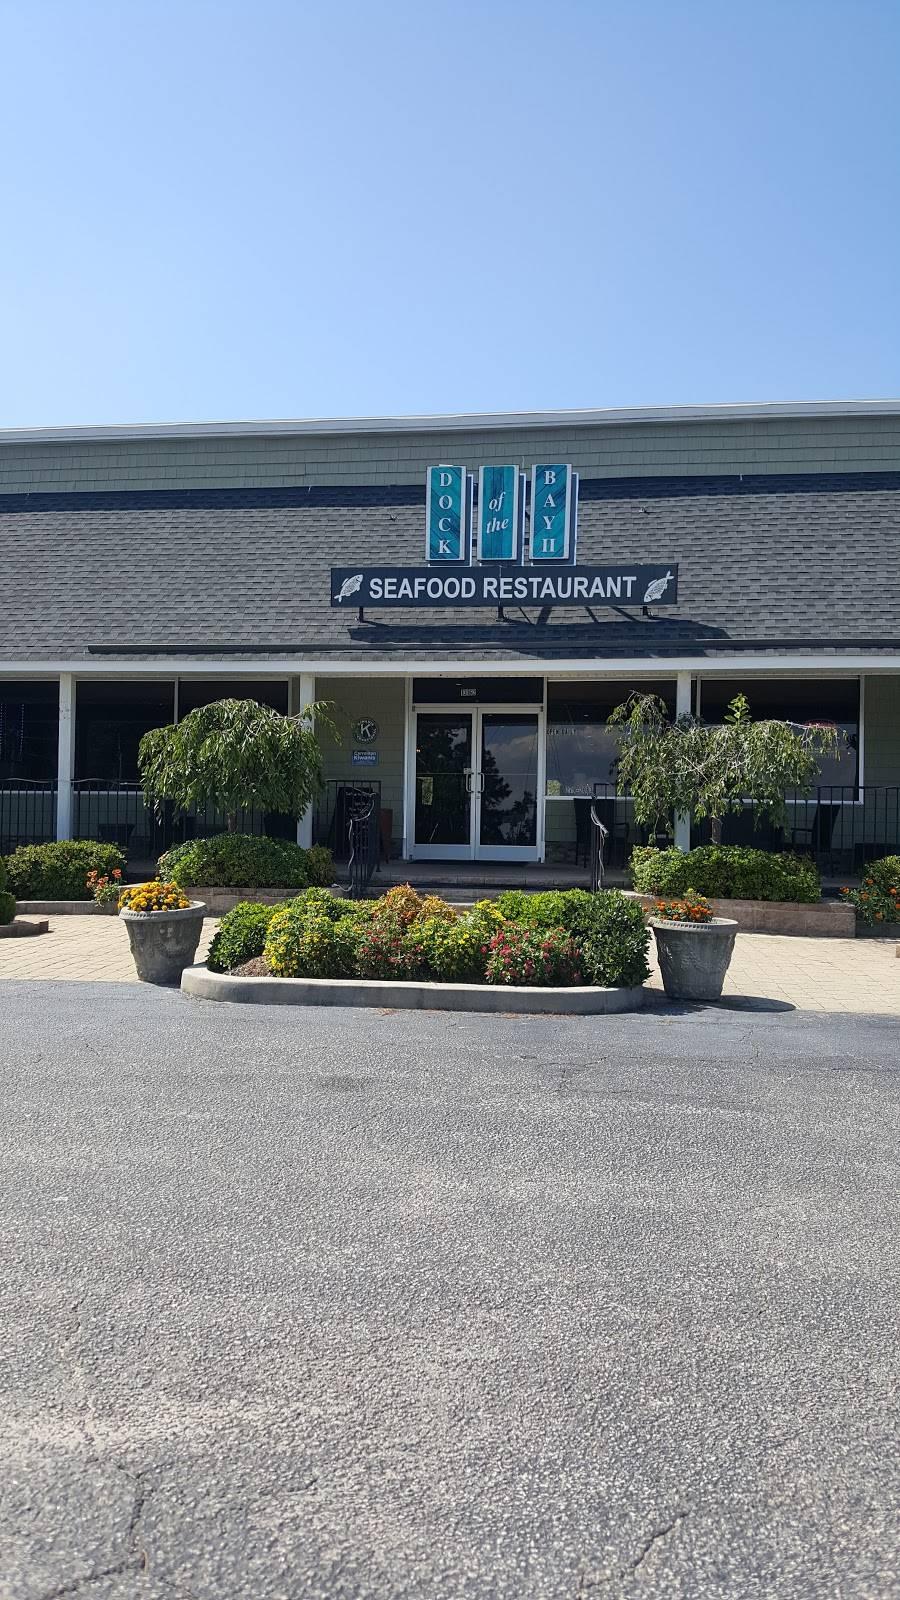 Dock of the Bay II | restaurant | 13162 Carrollton Blvd, Carrollton, VA 23314, USA | 7572792083 OR +1 757-279-2083